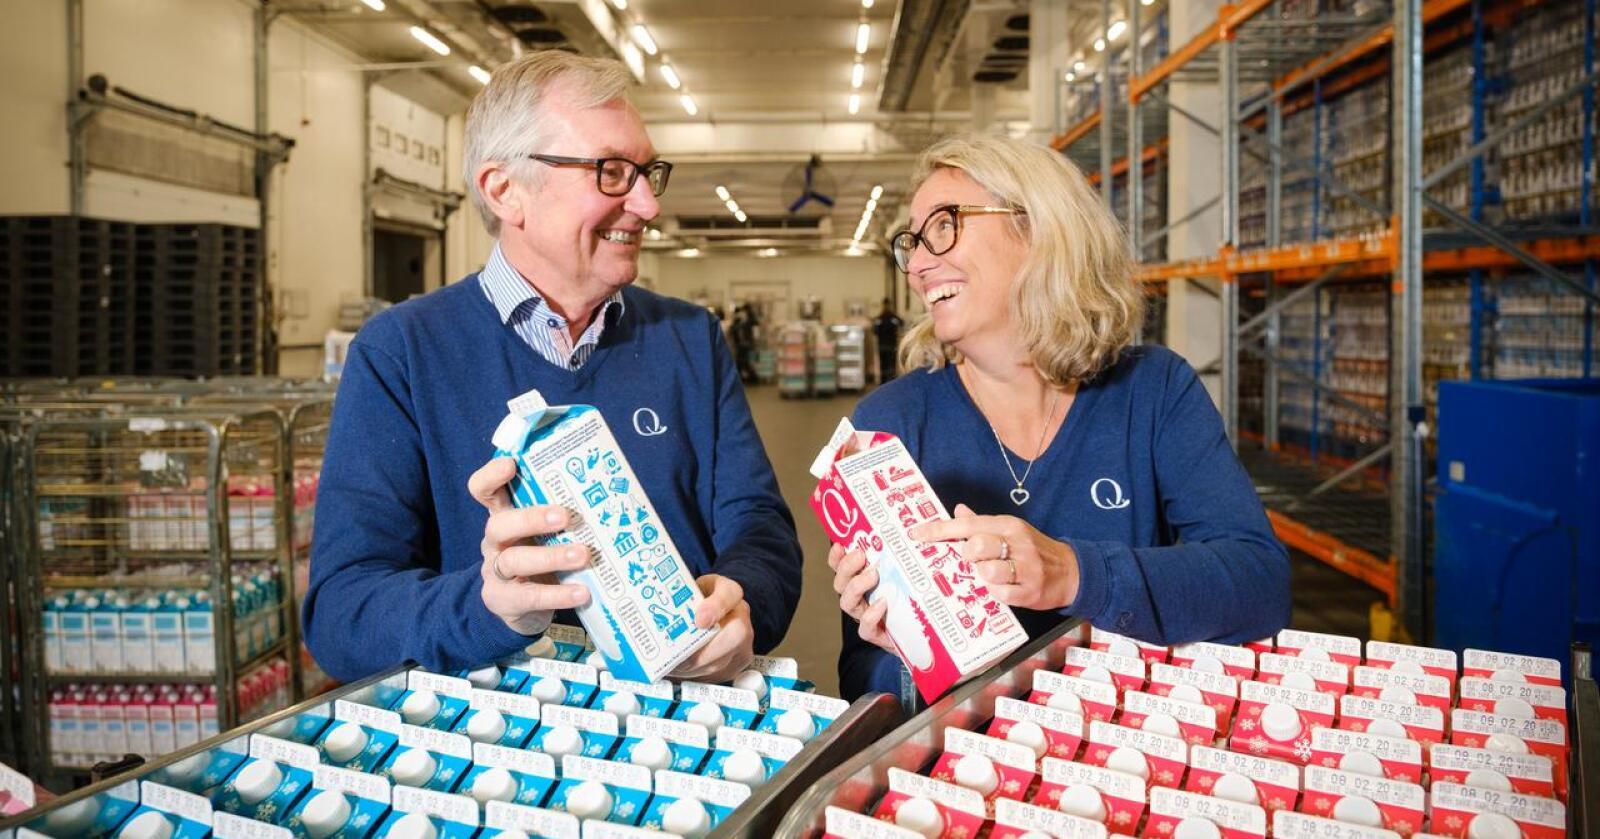 Viktig: Prisutjevningen er veldig viktig, mener adm. dir. Bent Myrdahl og styreleder Kristine Aasheim i Q-meieriene. Men uten konkurransefremmende tilskudd må de ut, sier de. (Foto: Q-meieriene)